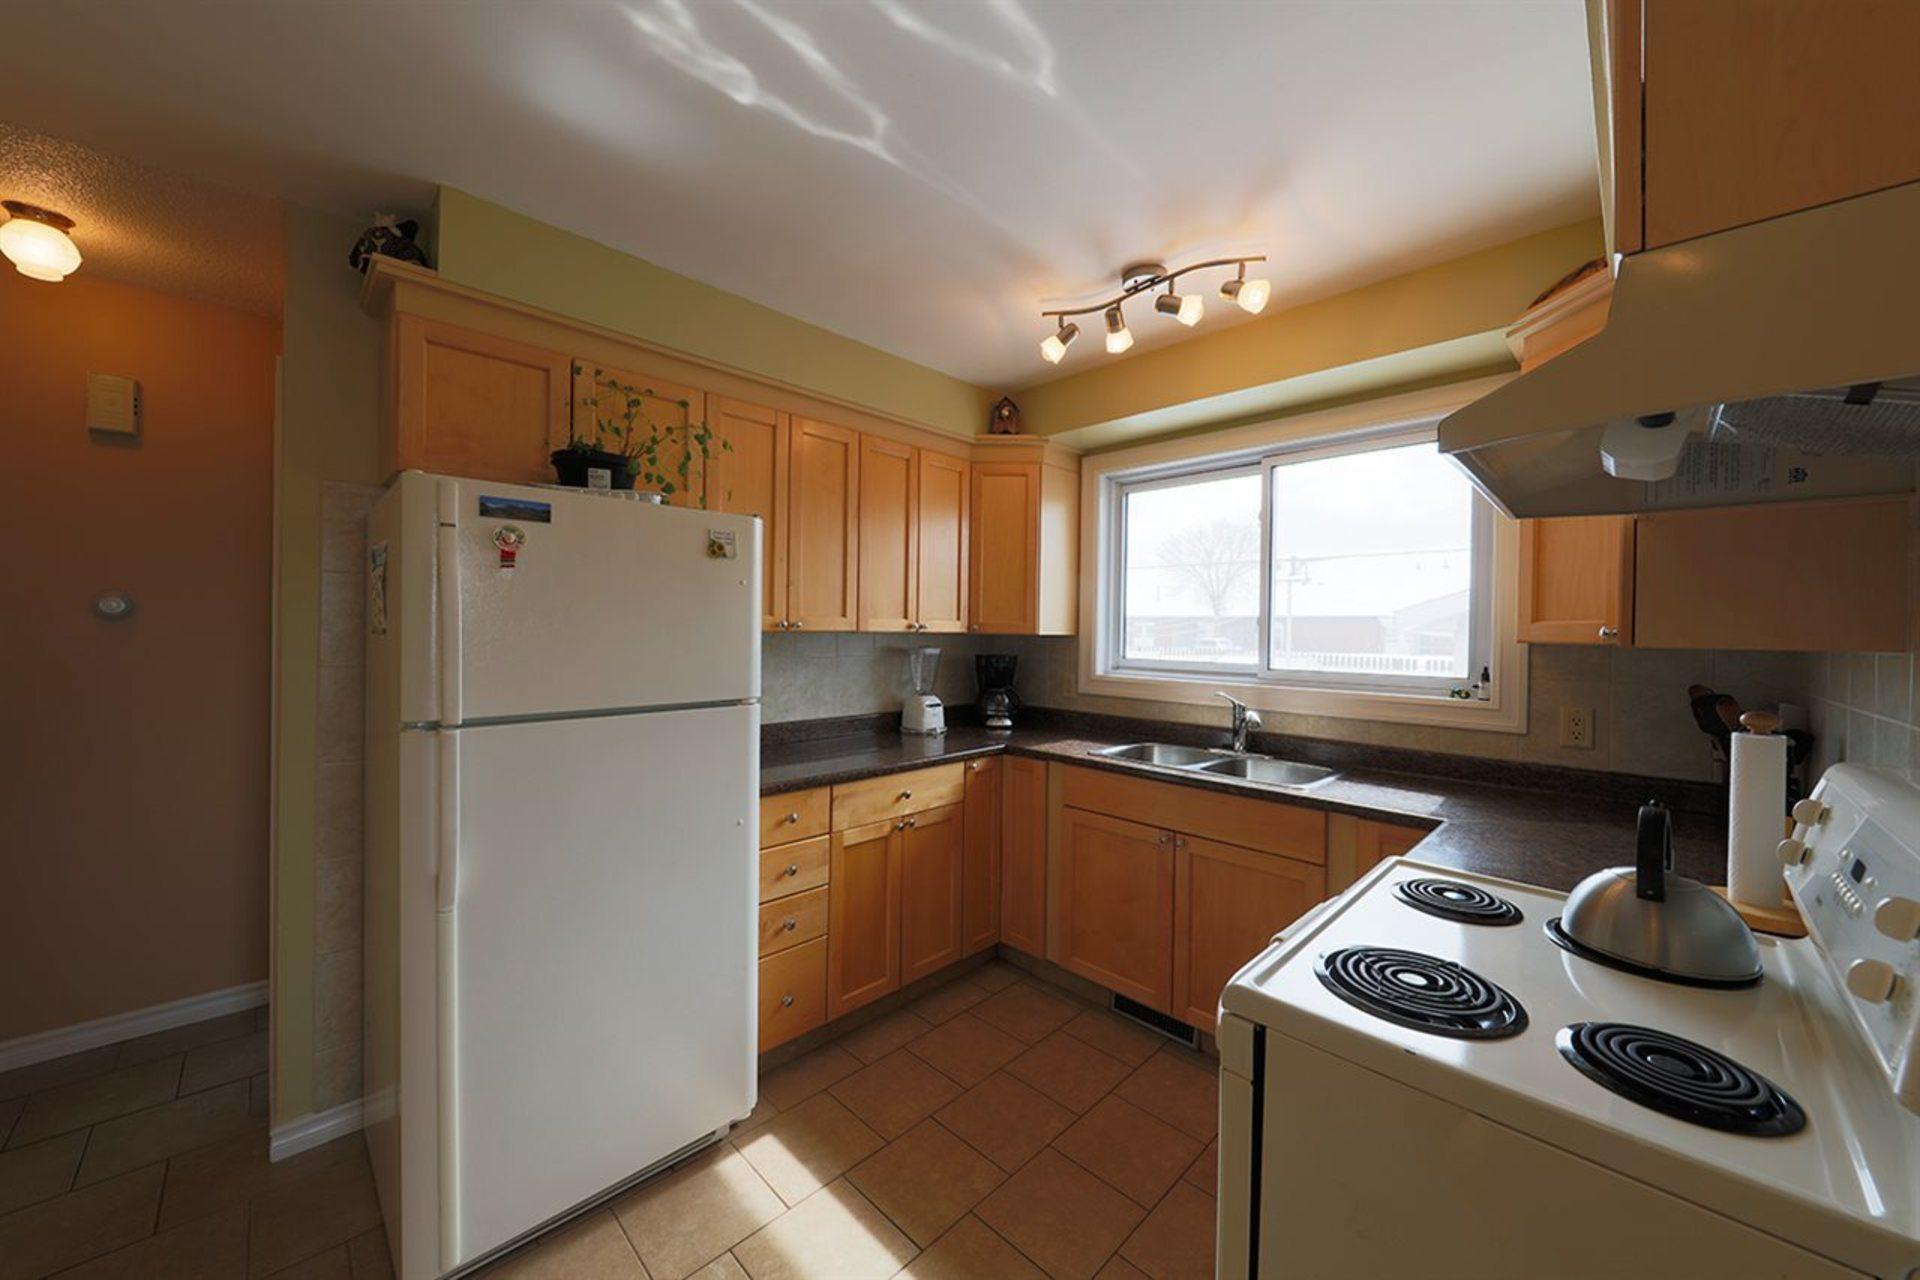 7423-141-avenue-kildare-edmonton-04 at 7423 141 Avenue, Kildare, Edmonton